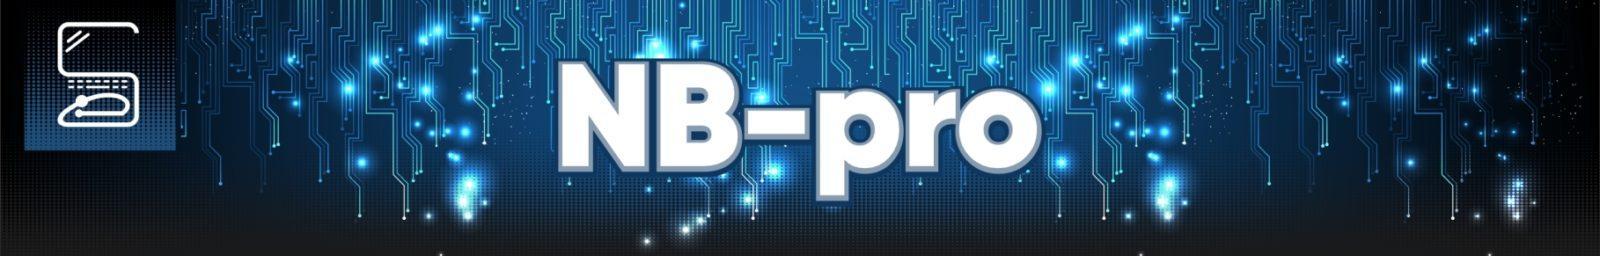 О компании NB-pro